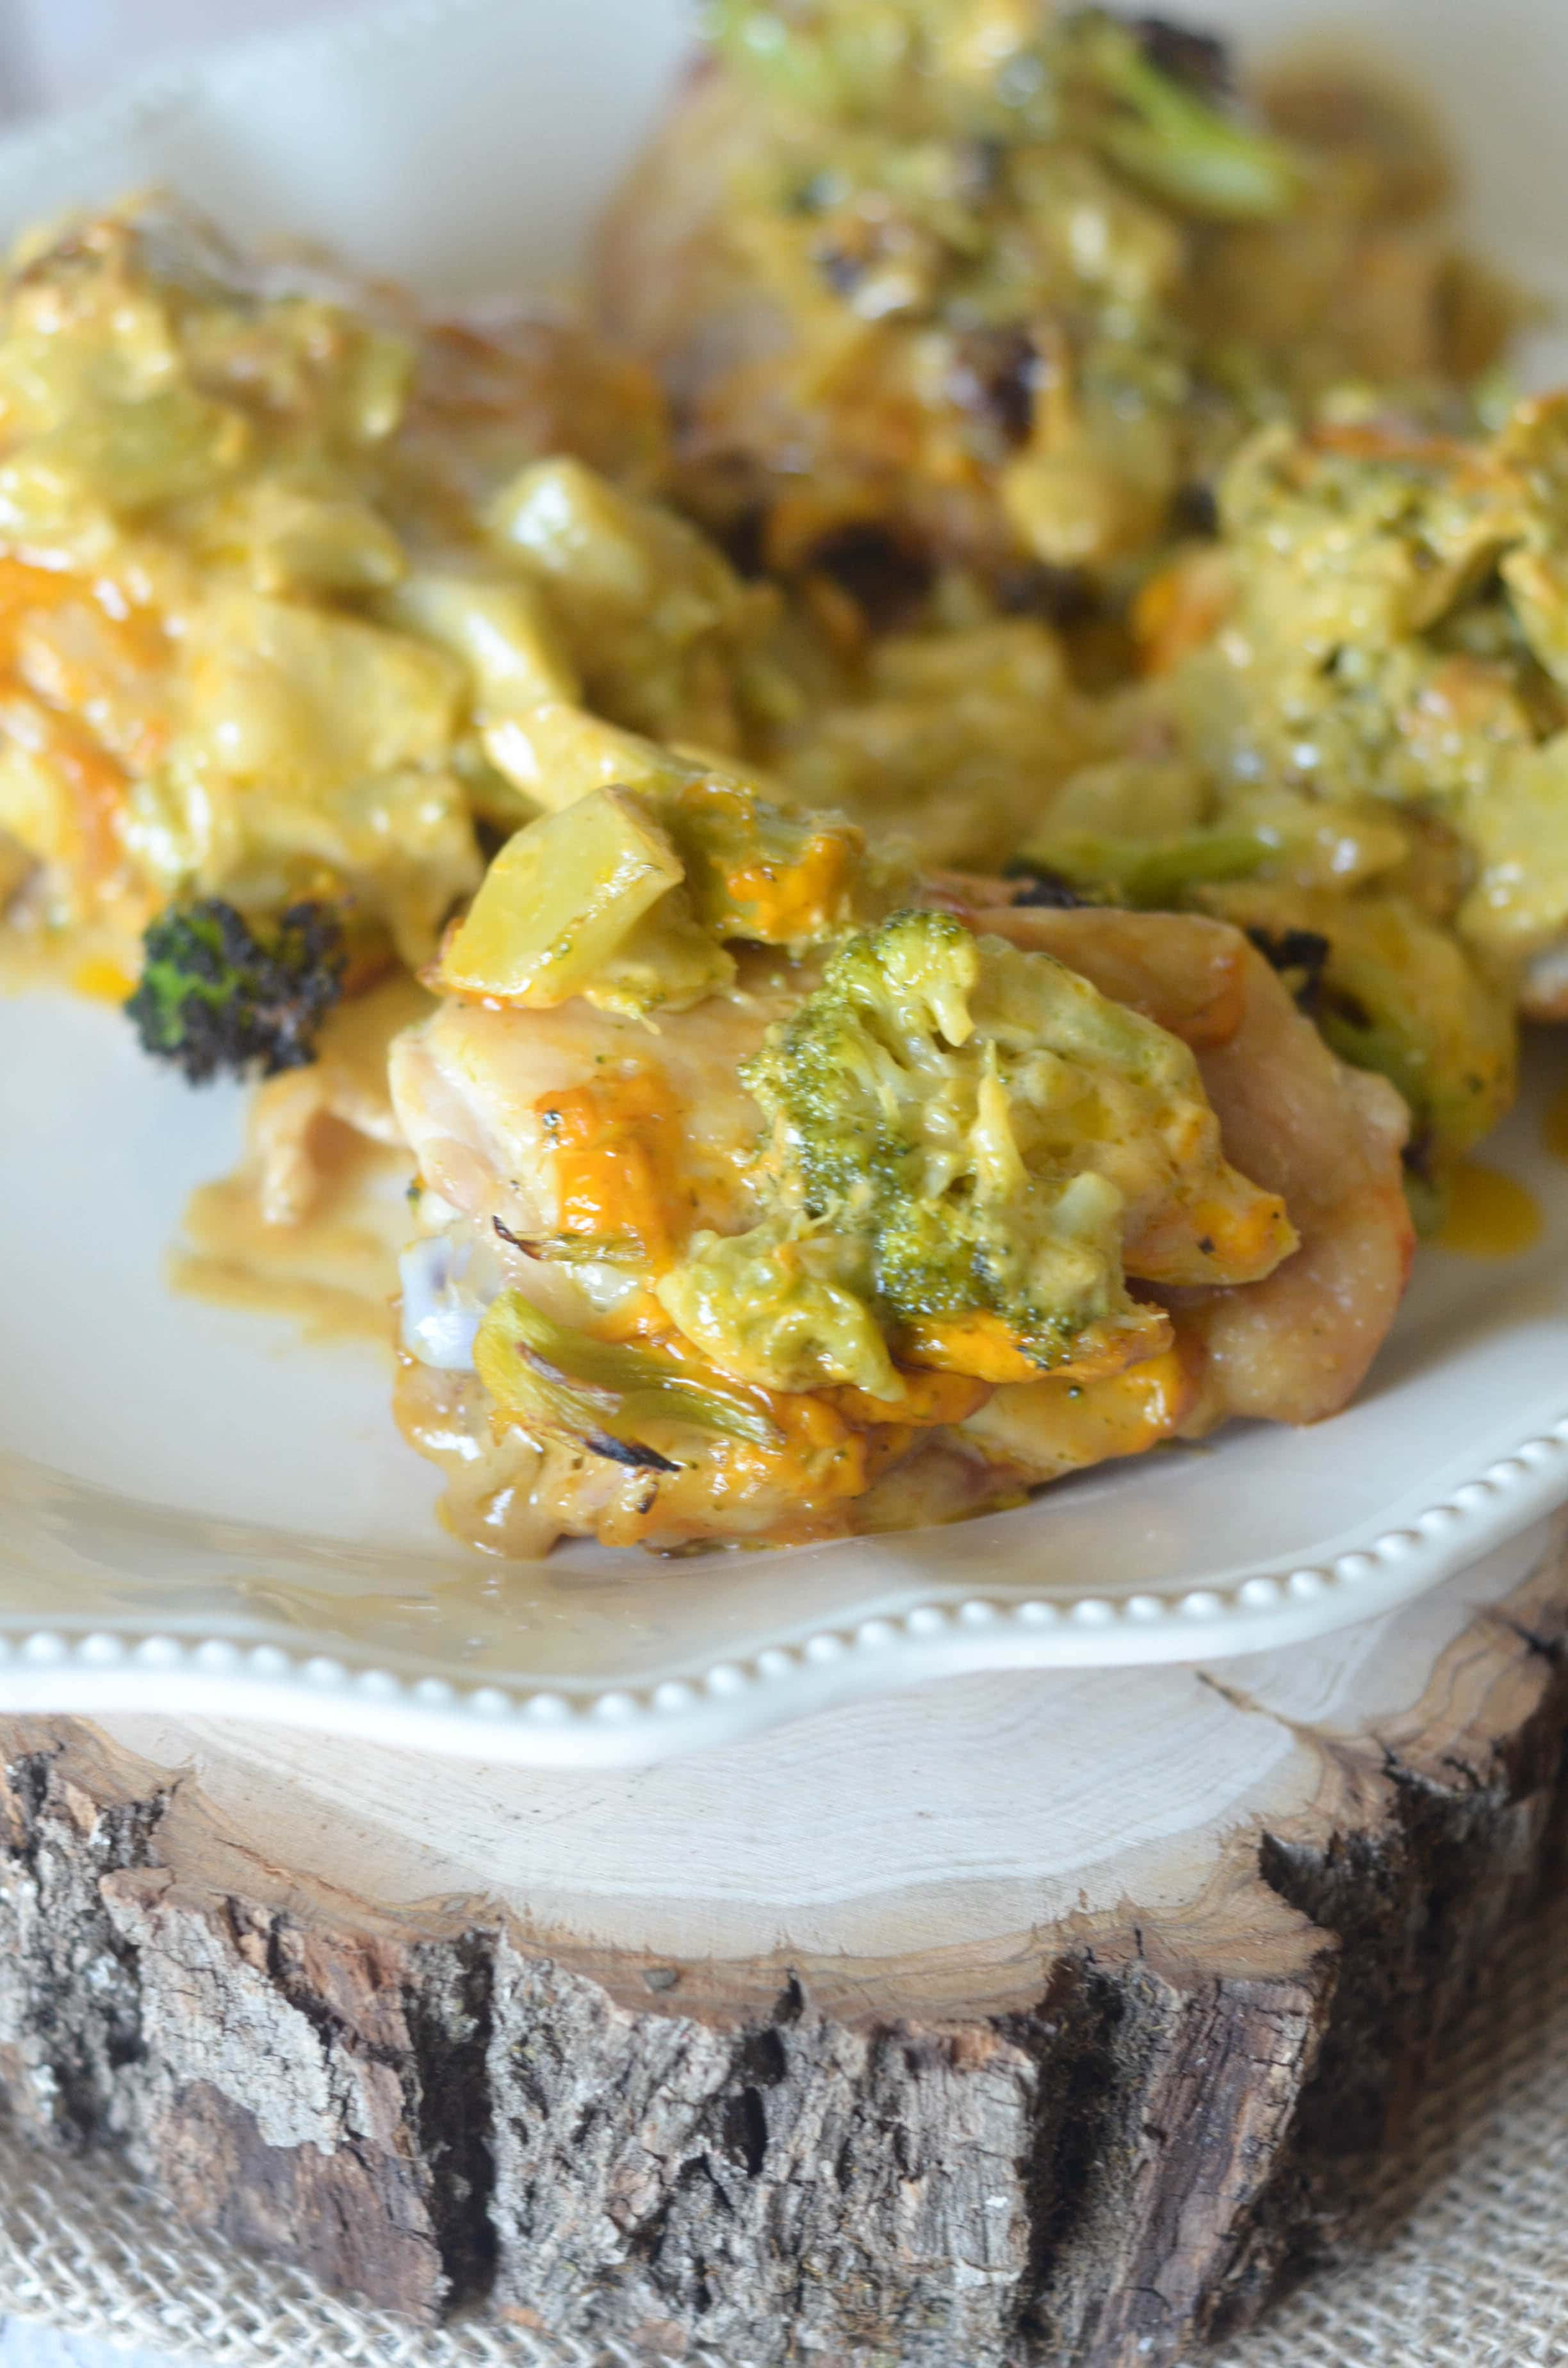 Cheesy Broccoli and Chicken